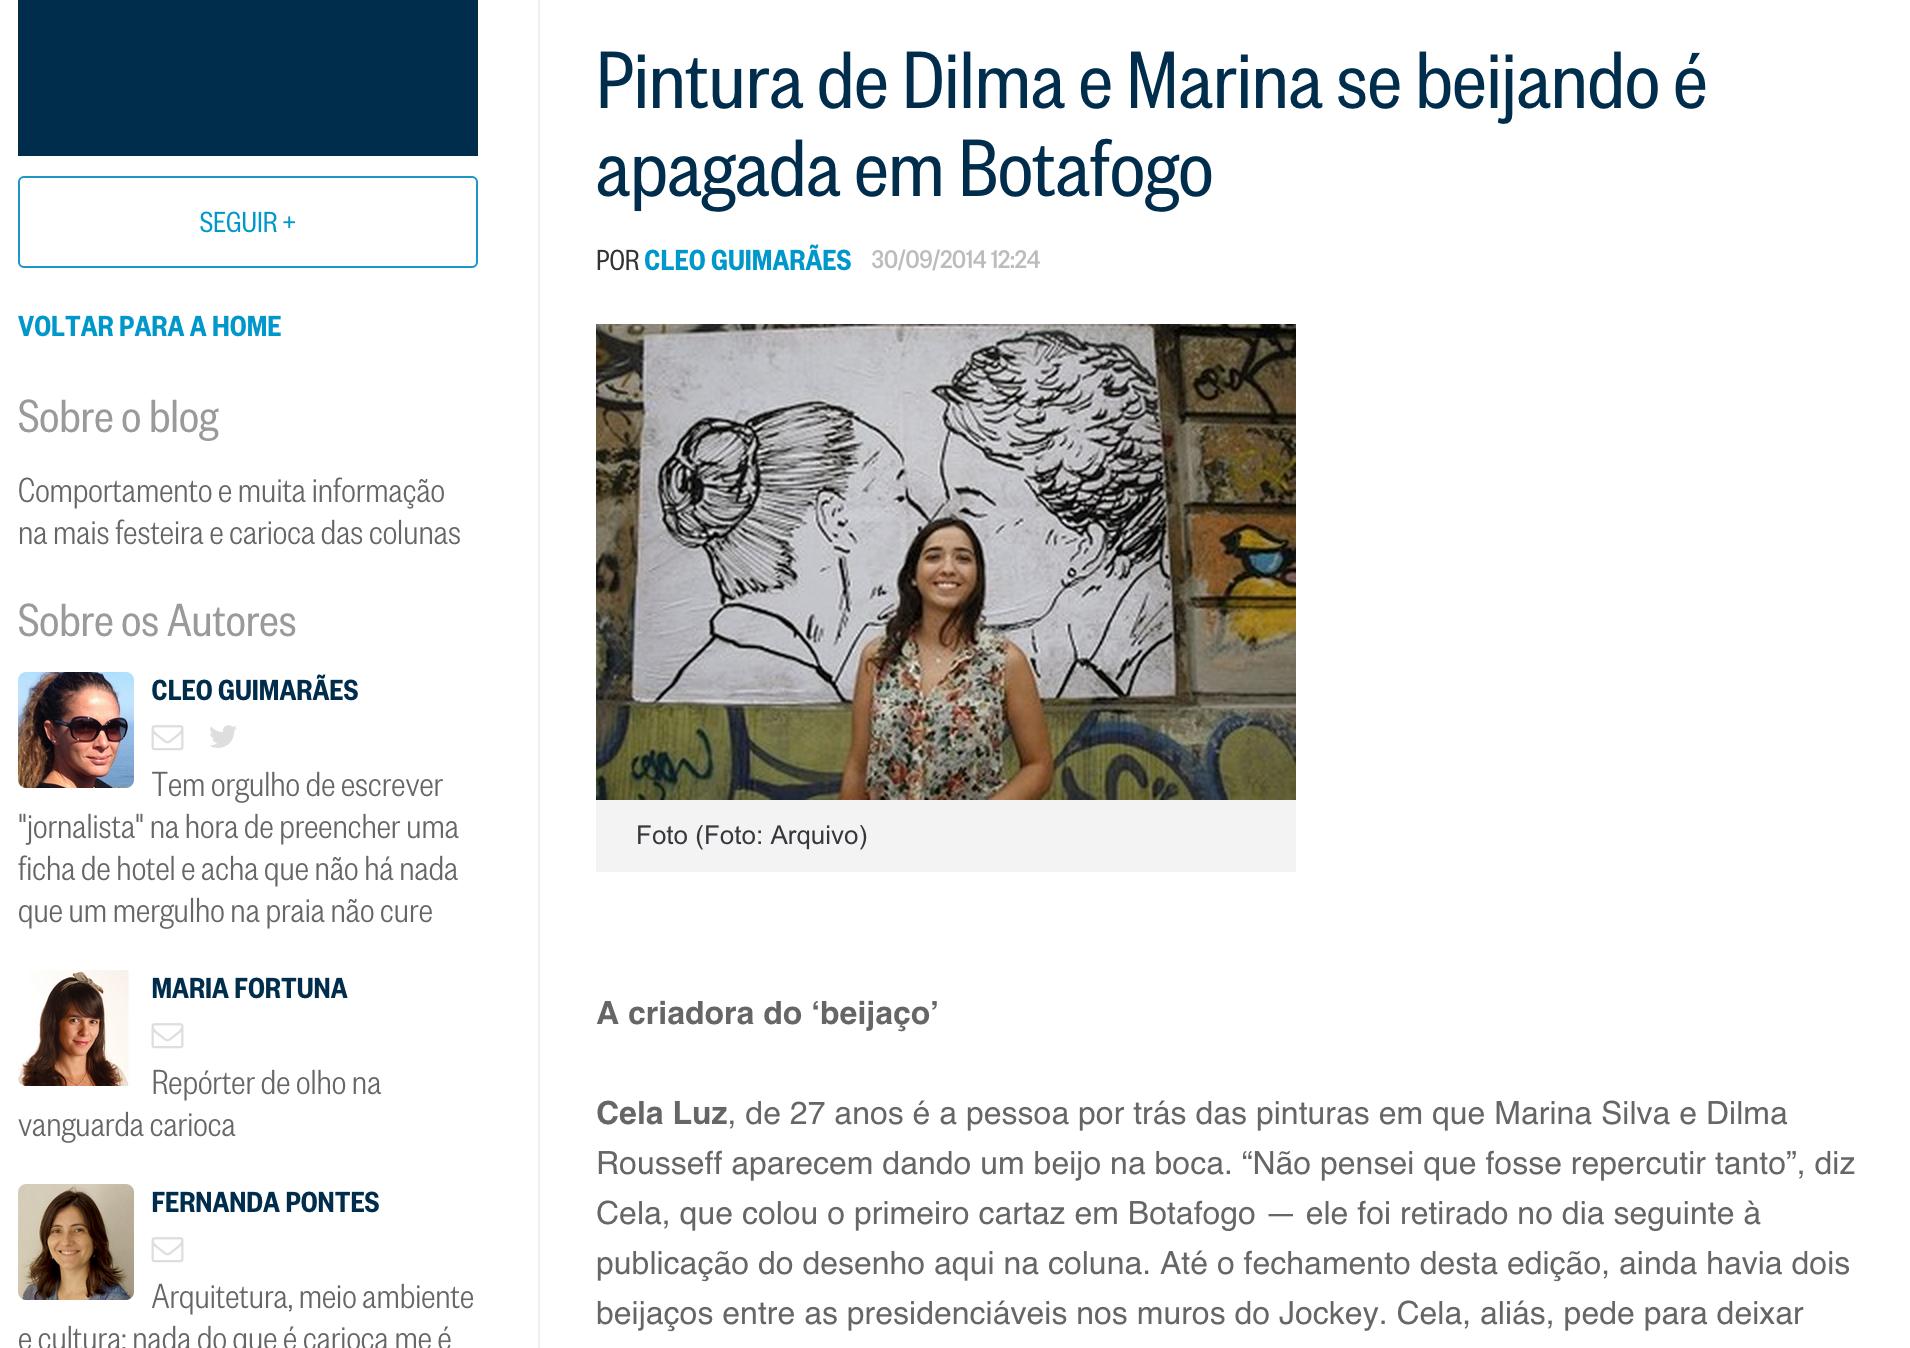 http://blogs.oglobo.globo.com/gente-boa/post/pintura-de-dilma-marina-se-beijando-apagada-em-botafogo-551076.html